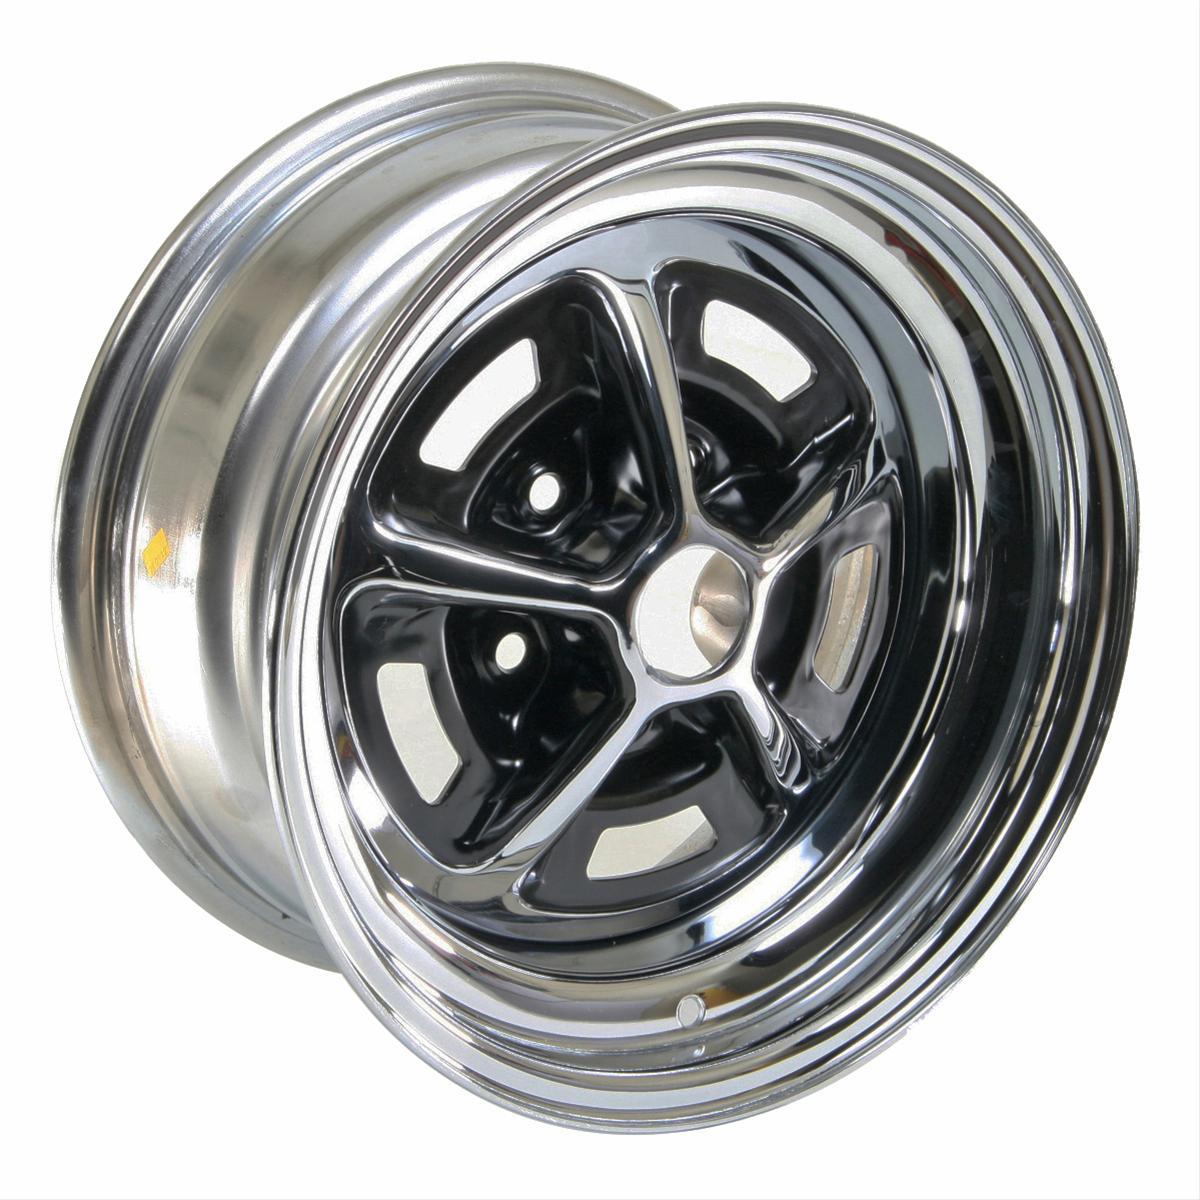 Magnum 500 Wheels >> Wheel Vintiques 54 Series Magnum 500 Chrome Wheels 54 5712044